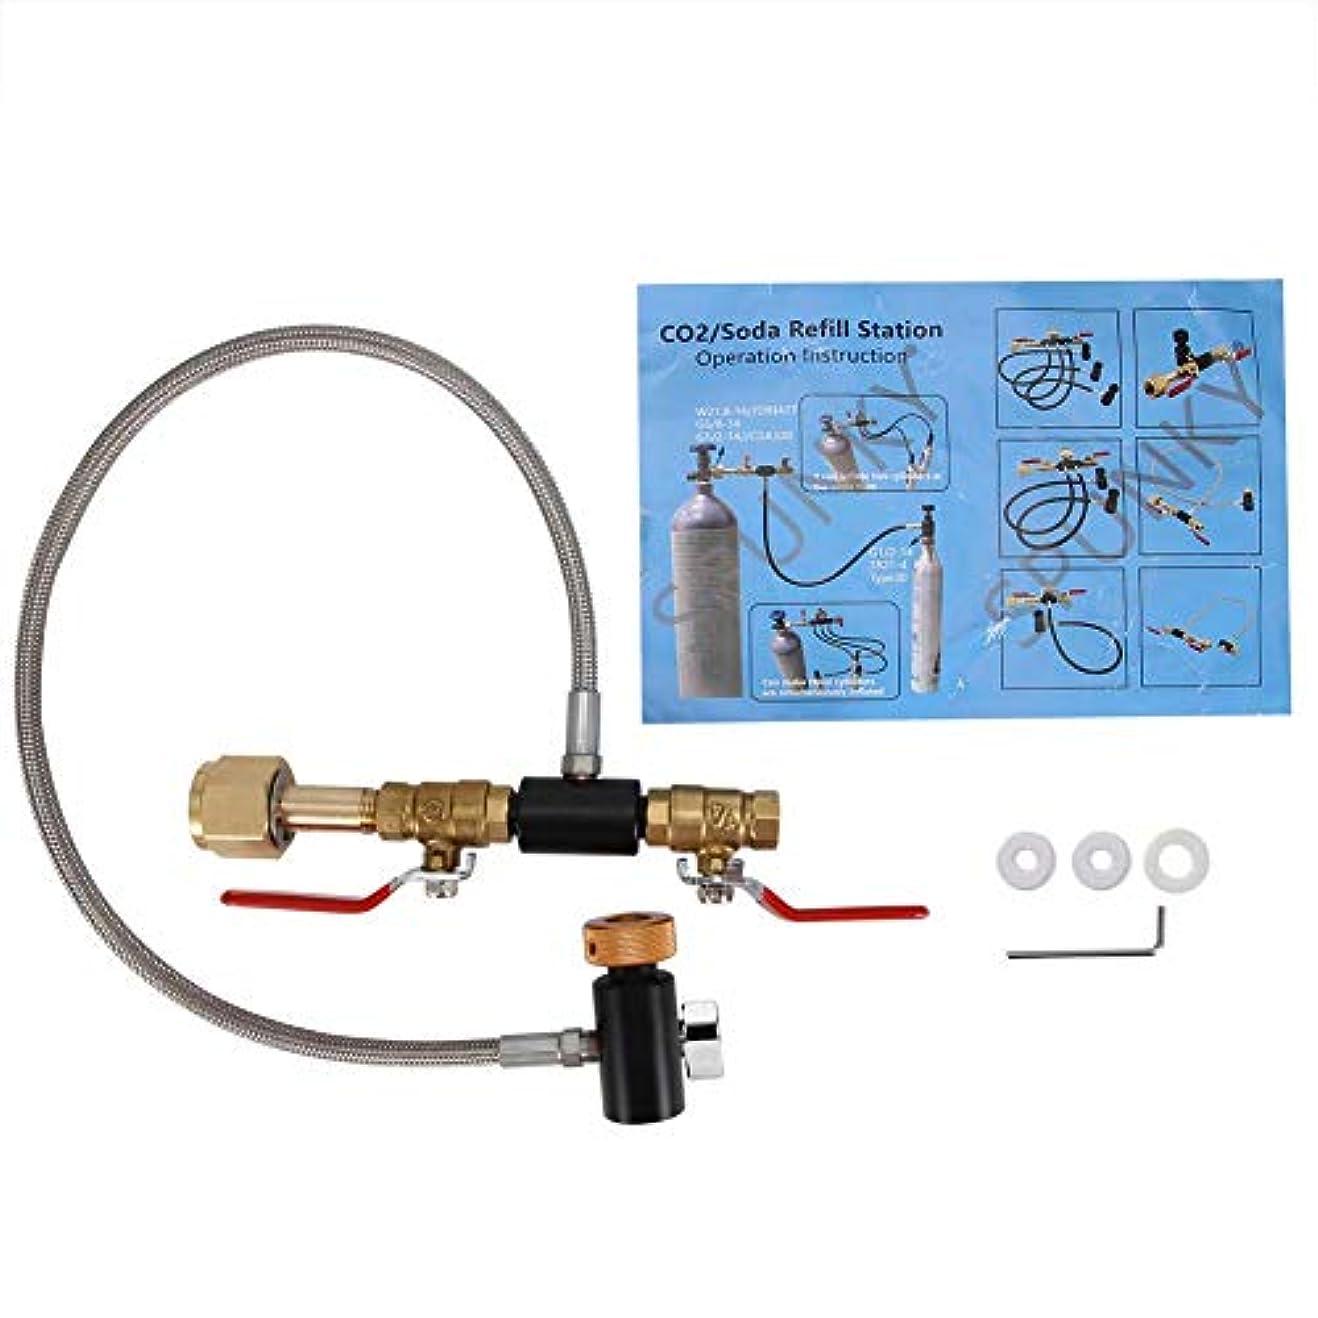 ポットキャベツエラー充填ソーダストリームタンク用ホース付きG1 / 2 CO2シリンダー詰め替えアダプターボトルコネクタCO2タンクソーダメーカーアクセサリー(24インチゲージ)